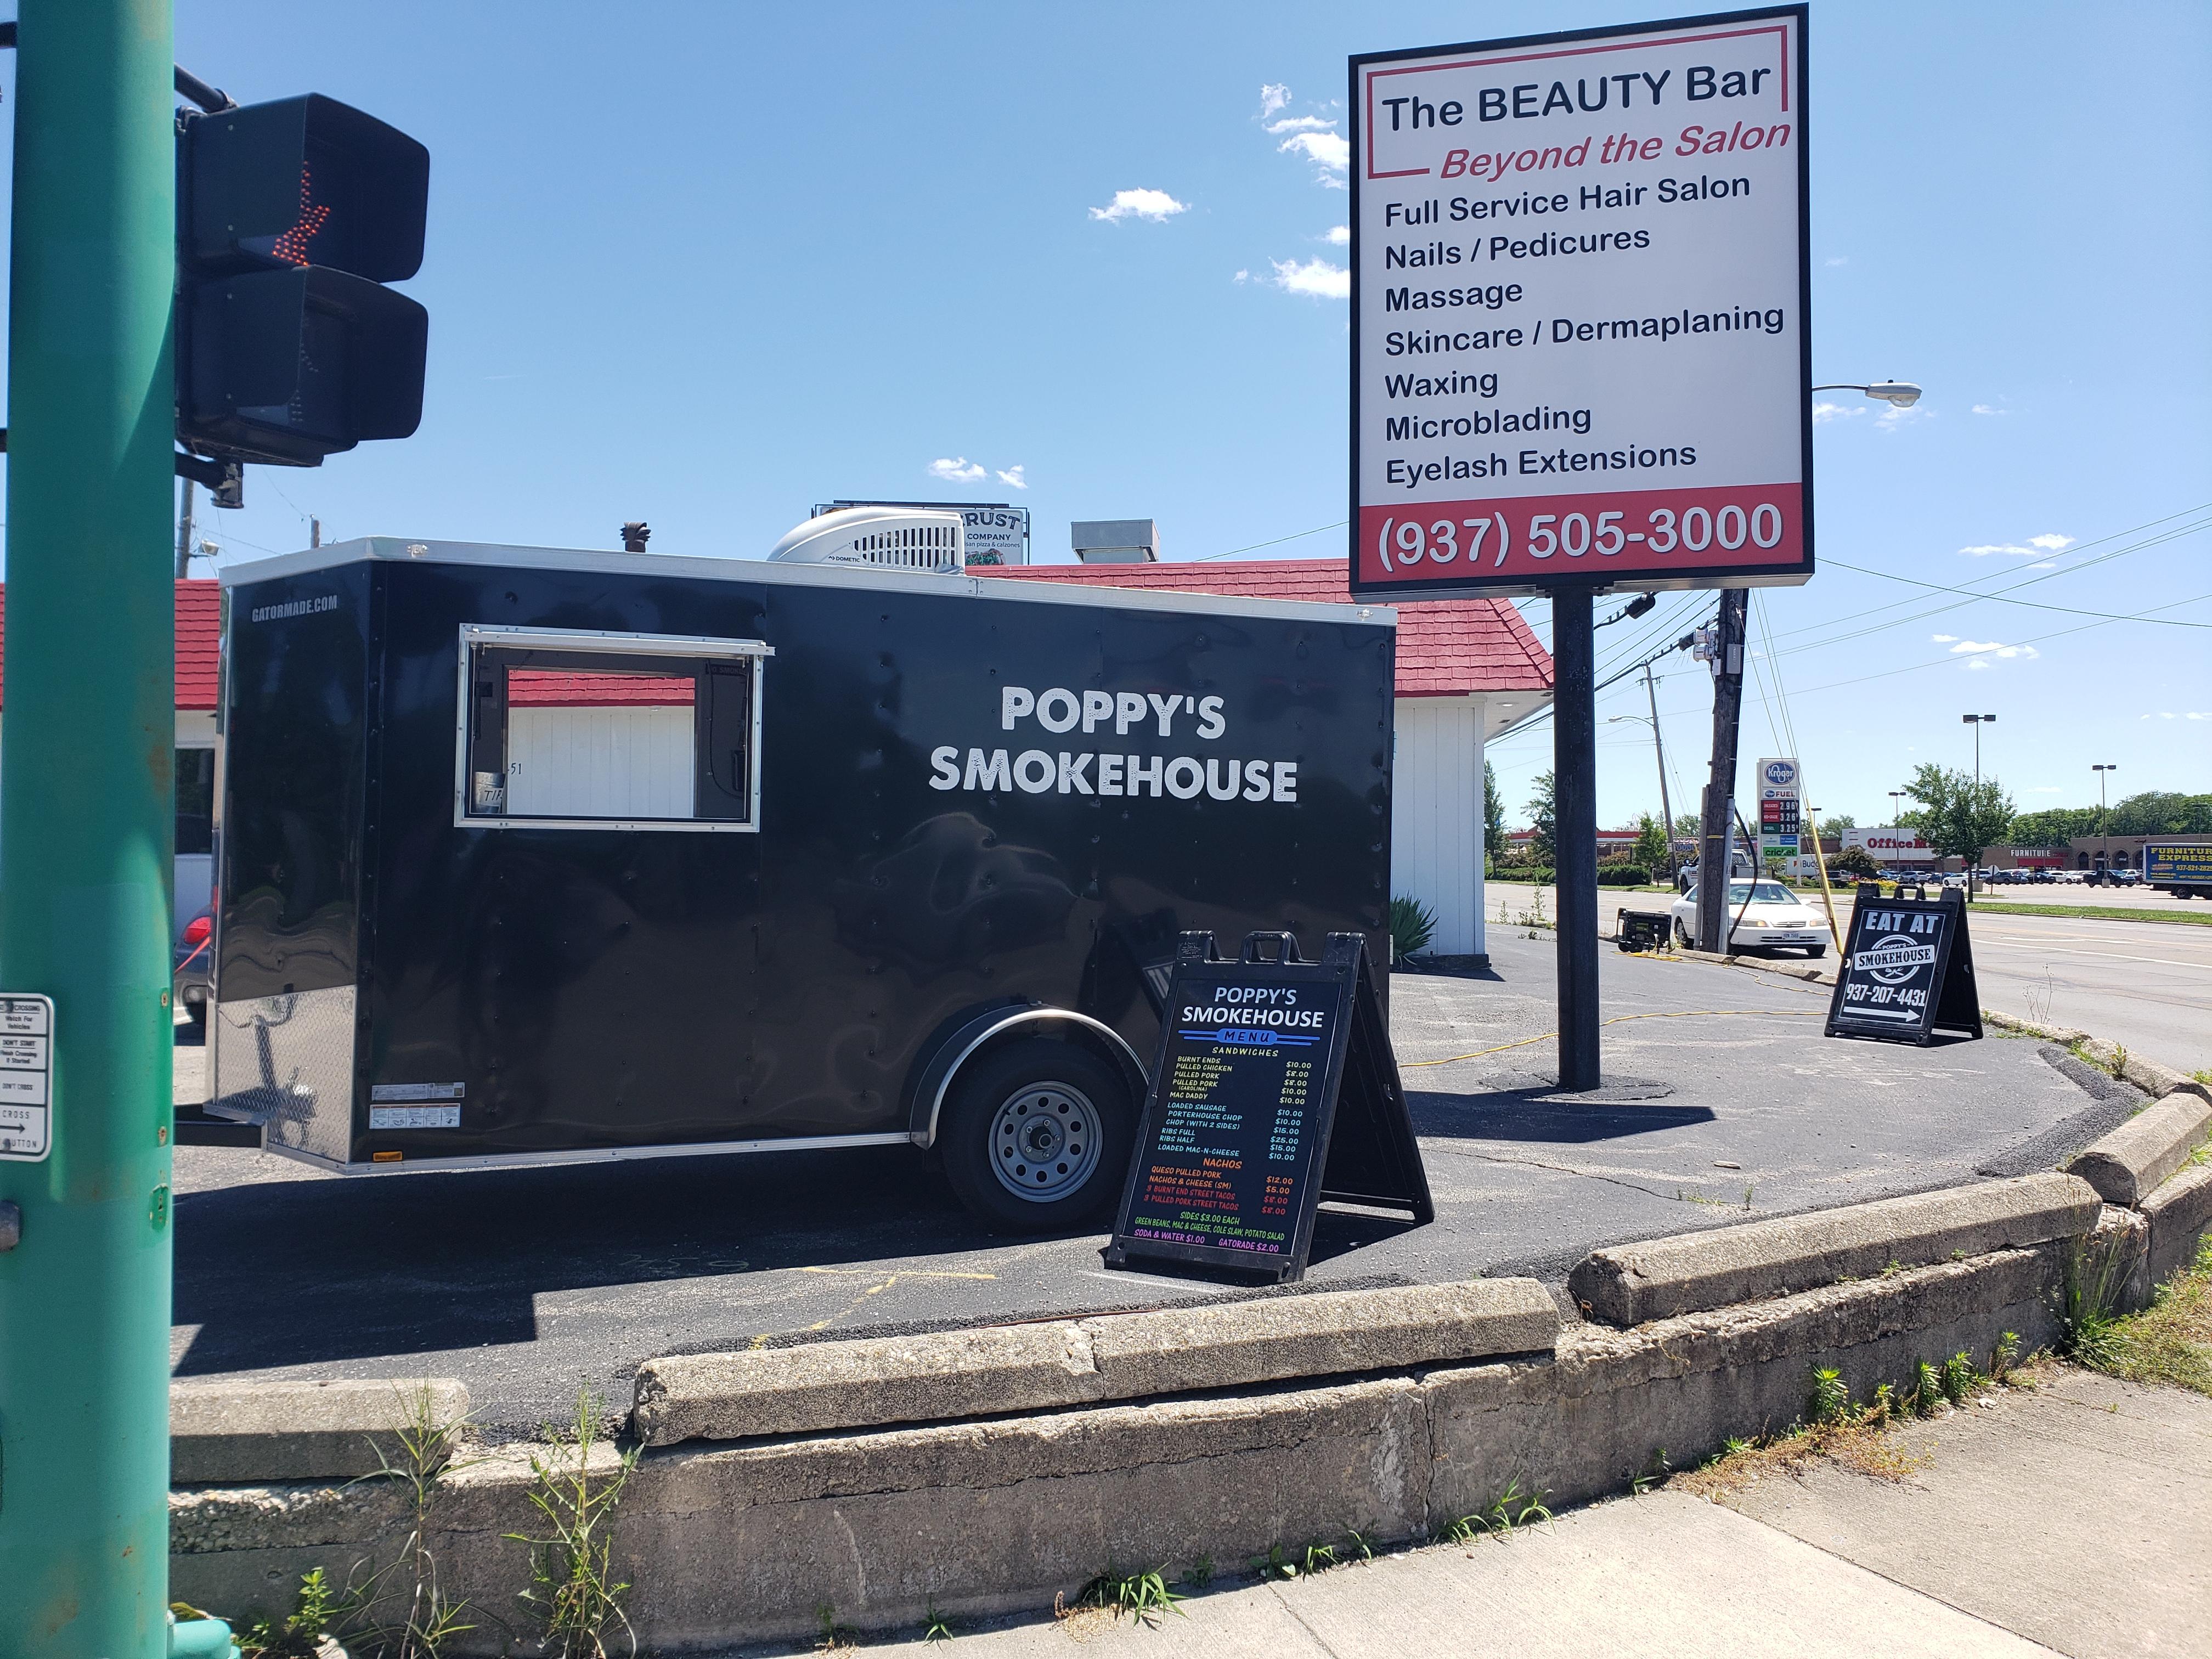 20210622_143000 - Poppy's Smokehouse